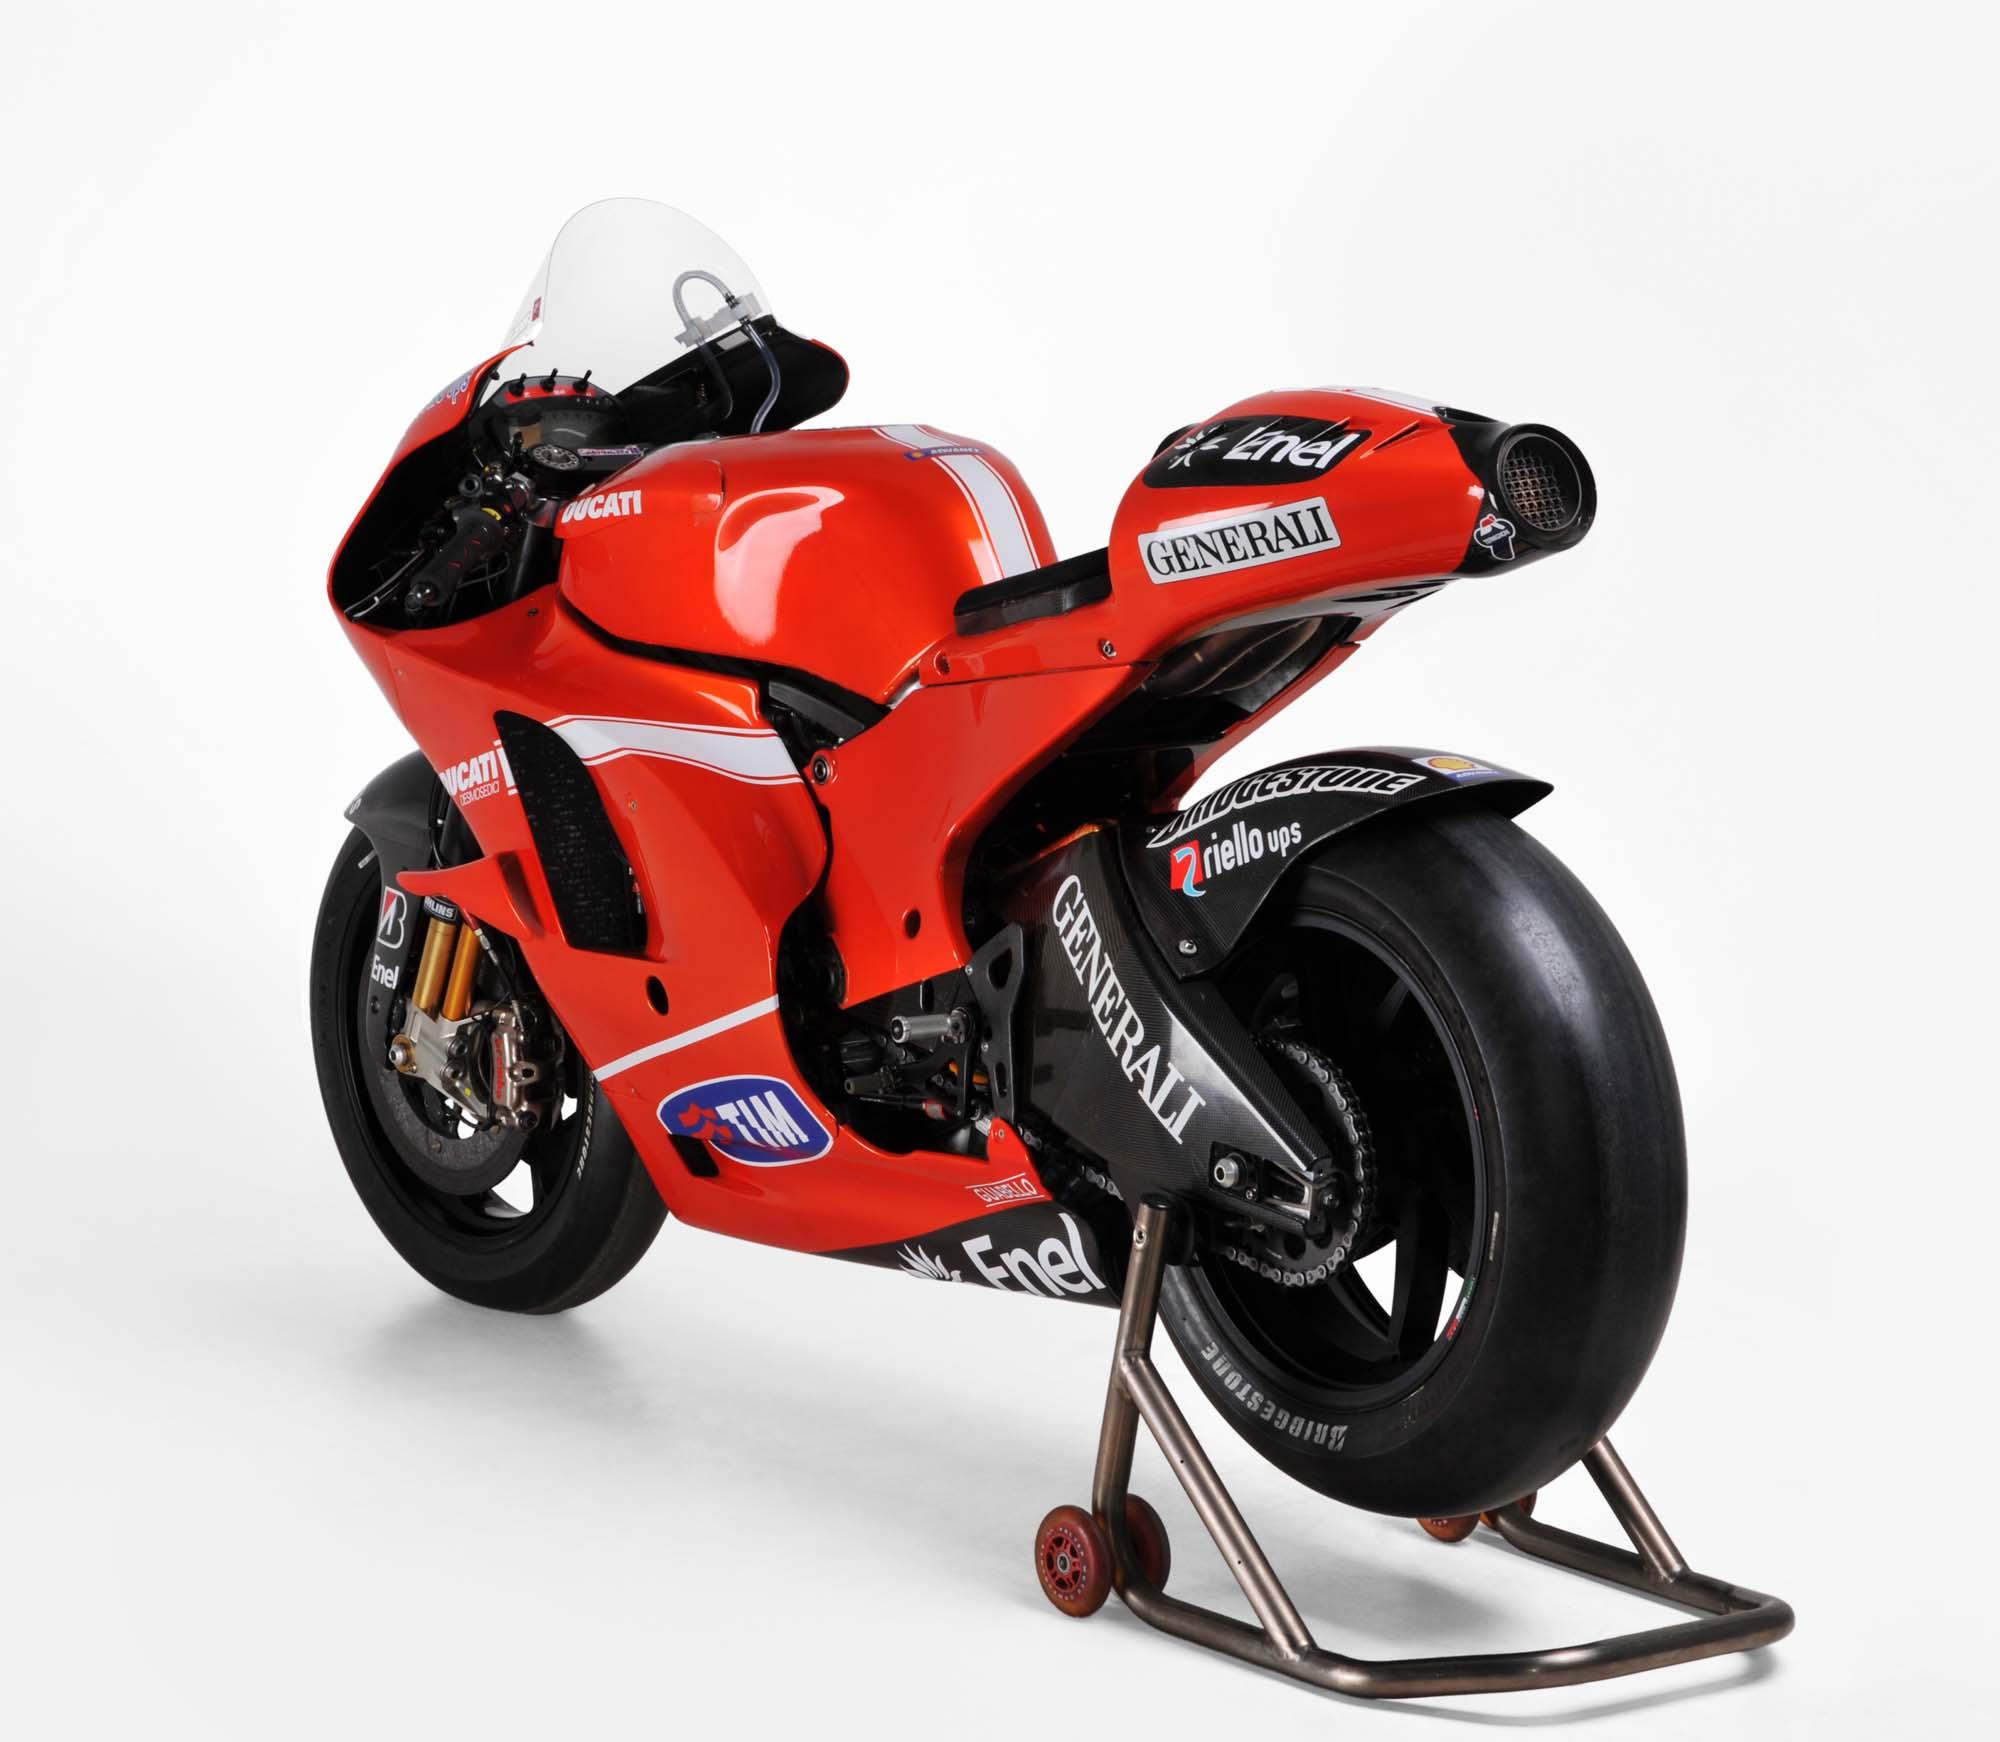 stoner rossi 39 s ducati motogp bikes up for auction asphalt rubber. Black Bedroom Furniture Sets. Home Design Ideas